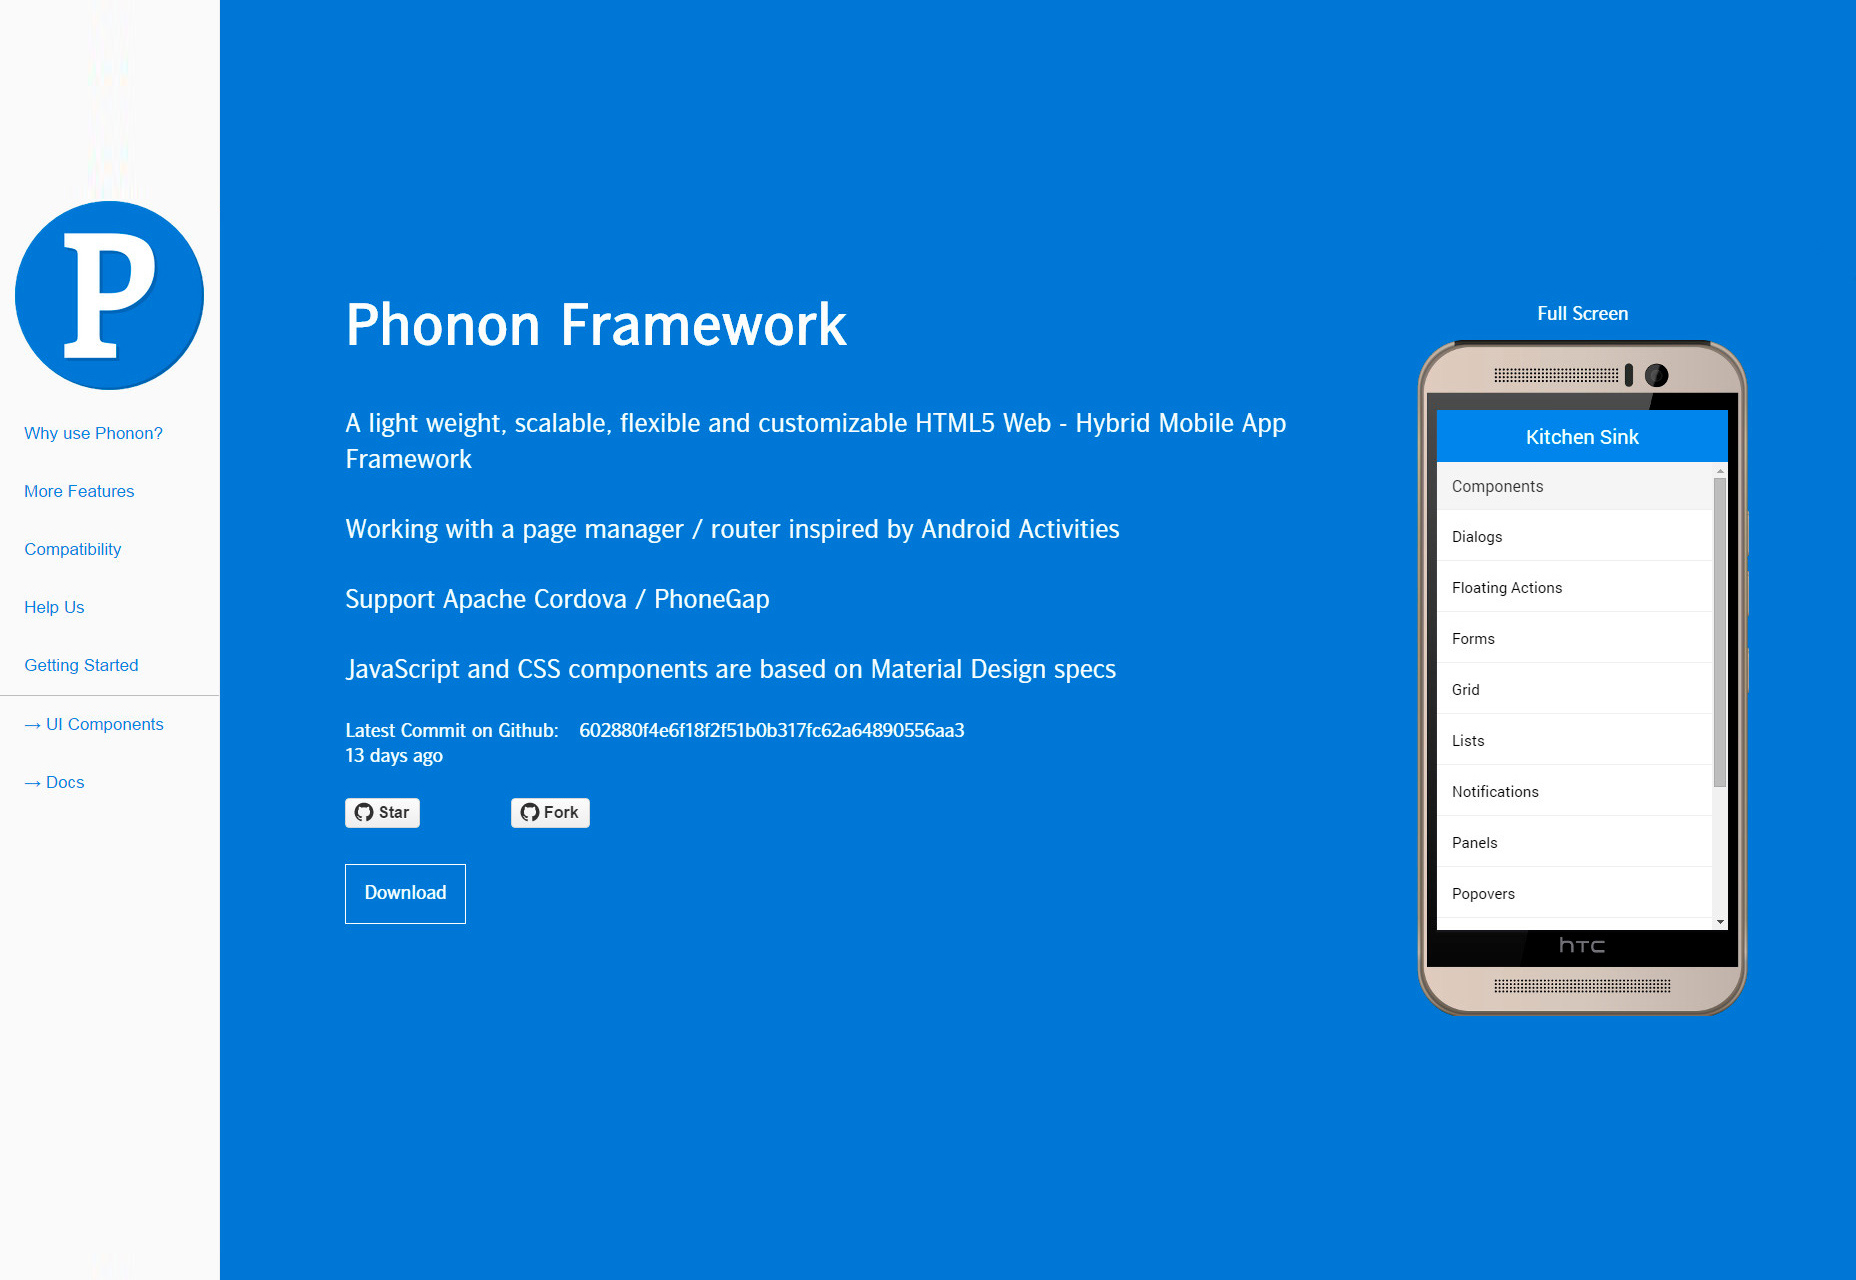 Phonon: Lightweight HTML5 Mobile Framework